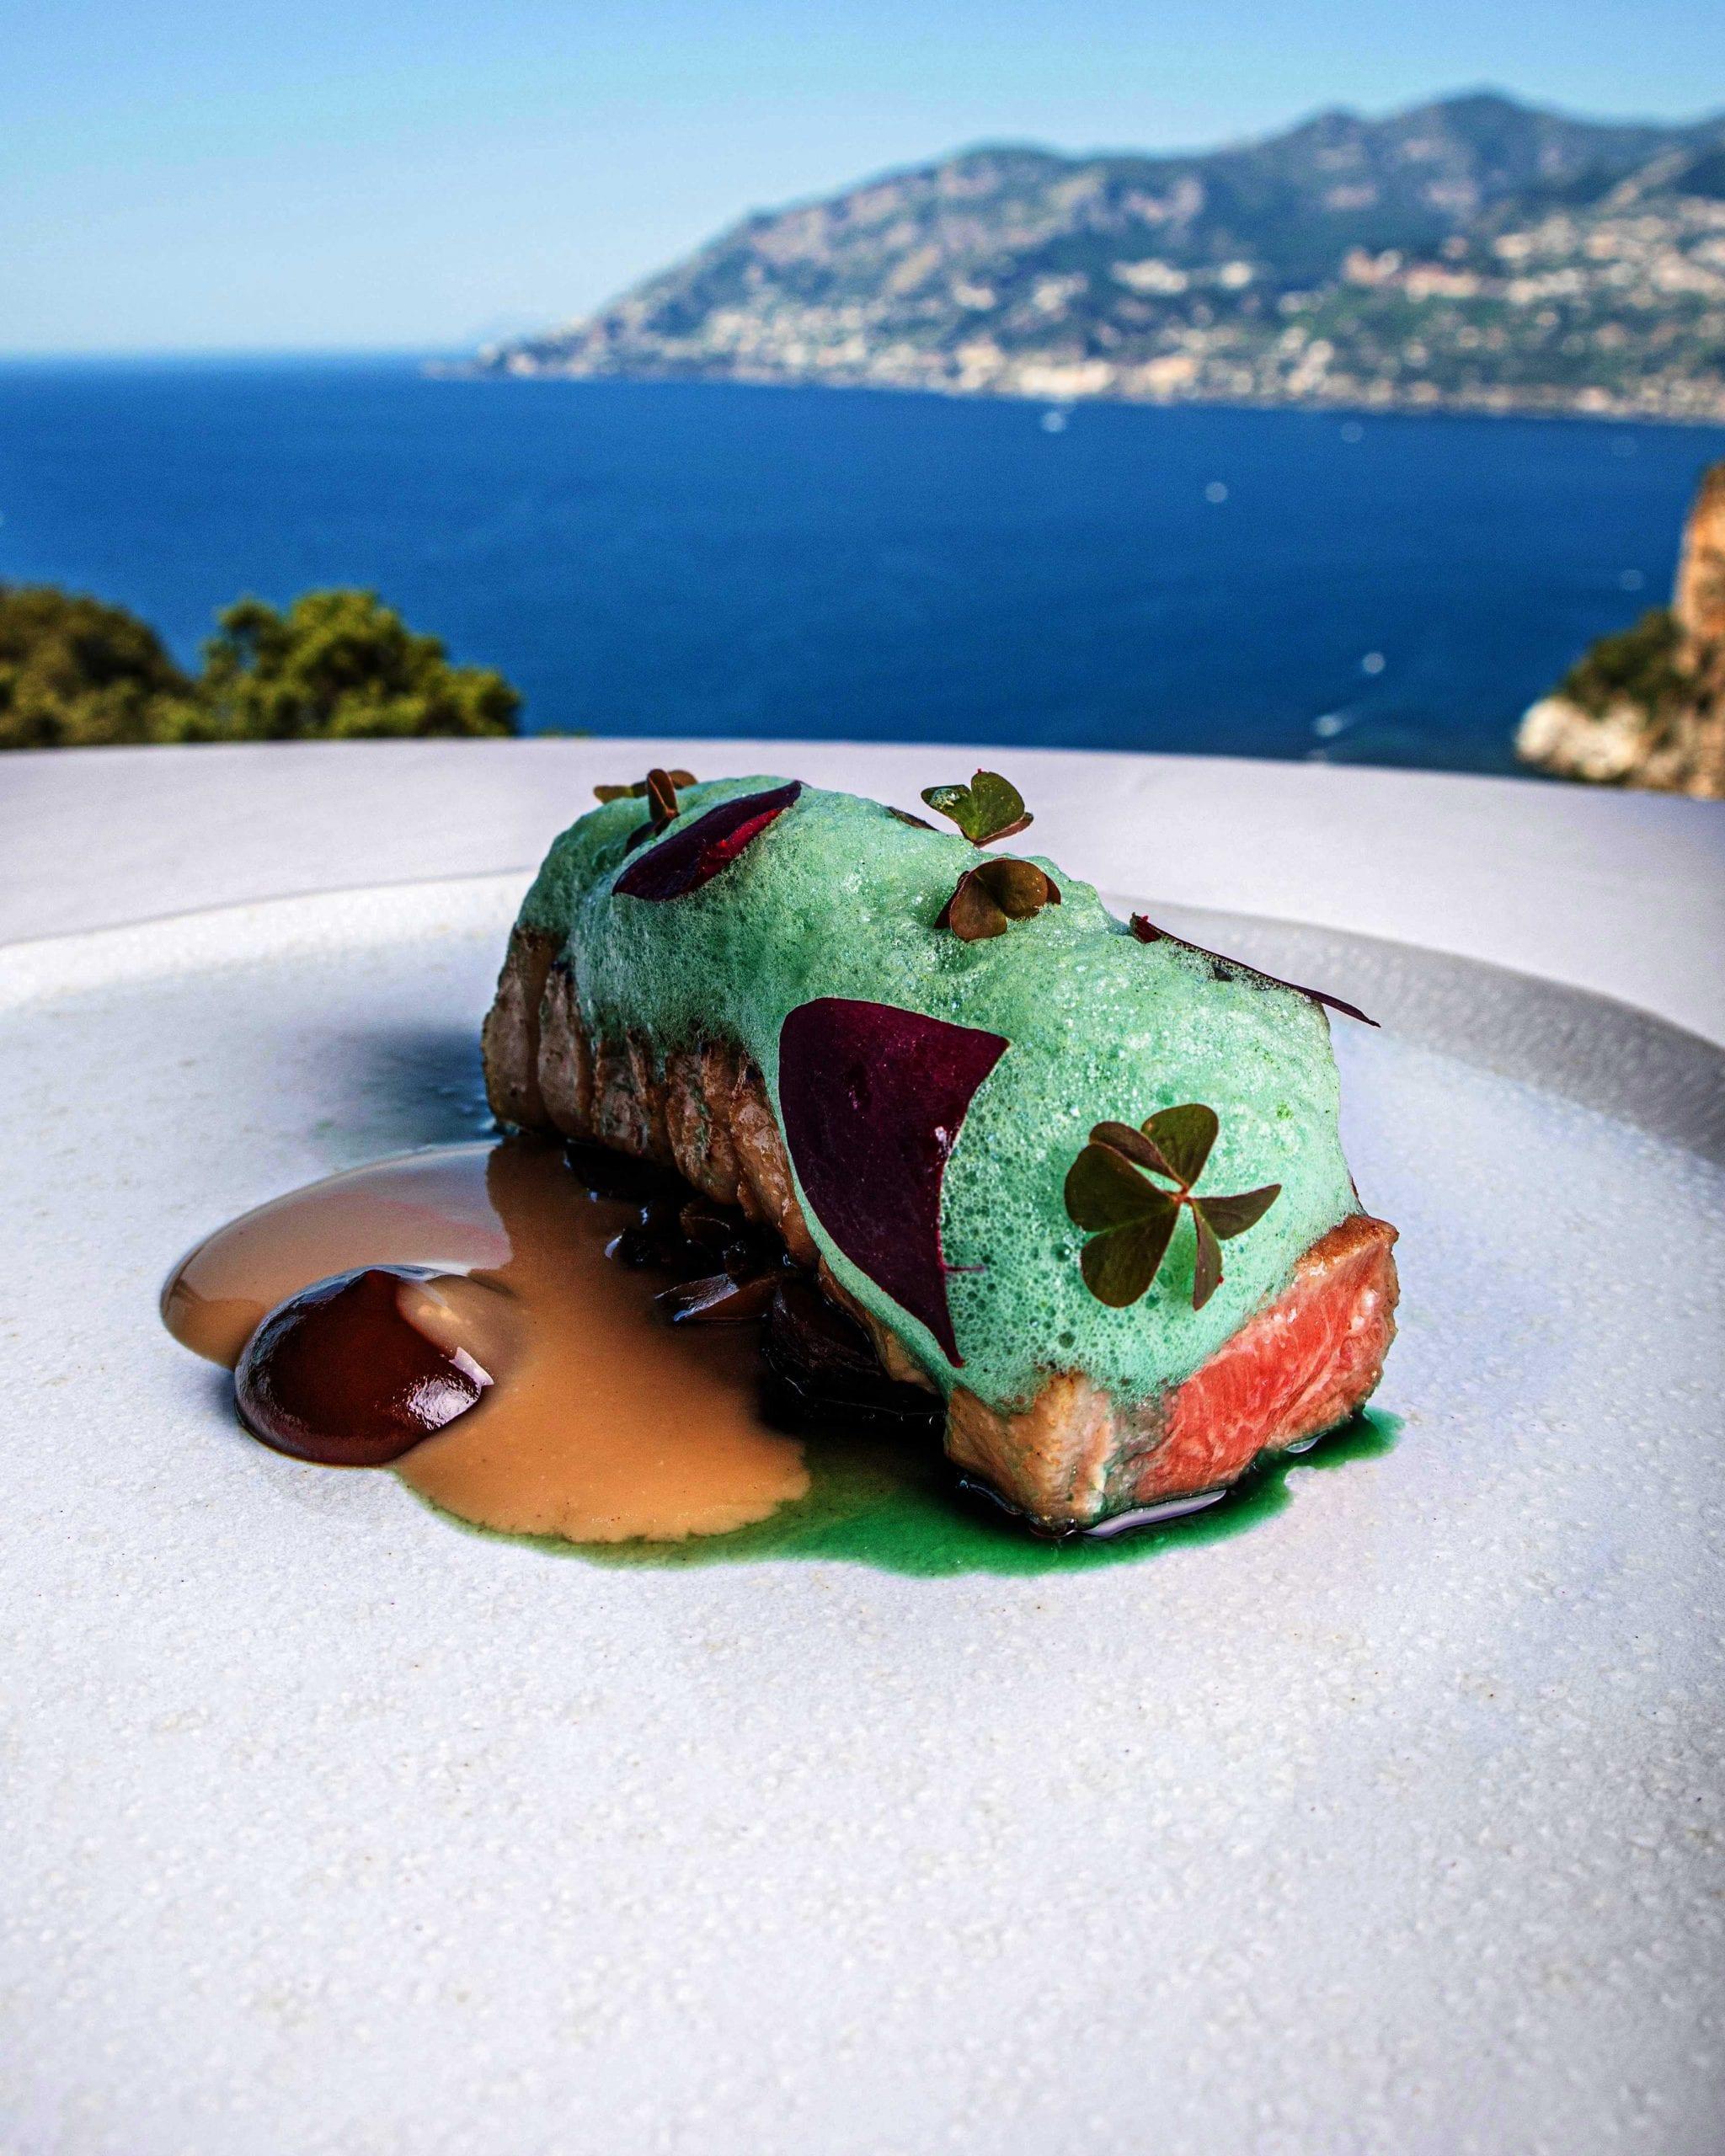 Come una tagliata ai funghi. Ventresca di tonno rosso del Mediterraneo, composta di cardoncelli, aglio nero e pil-pil di tonno